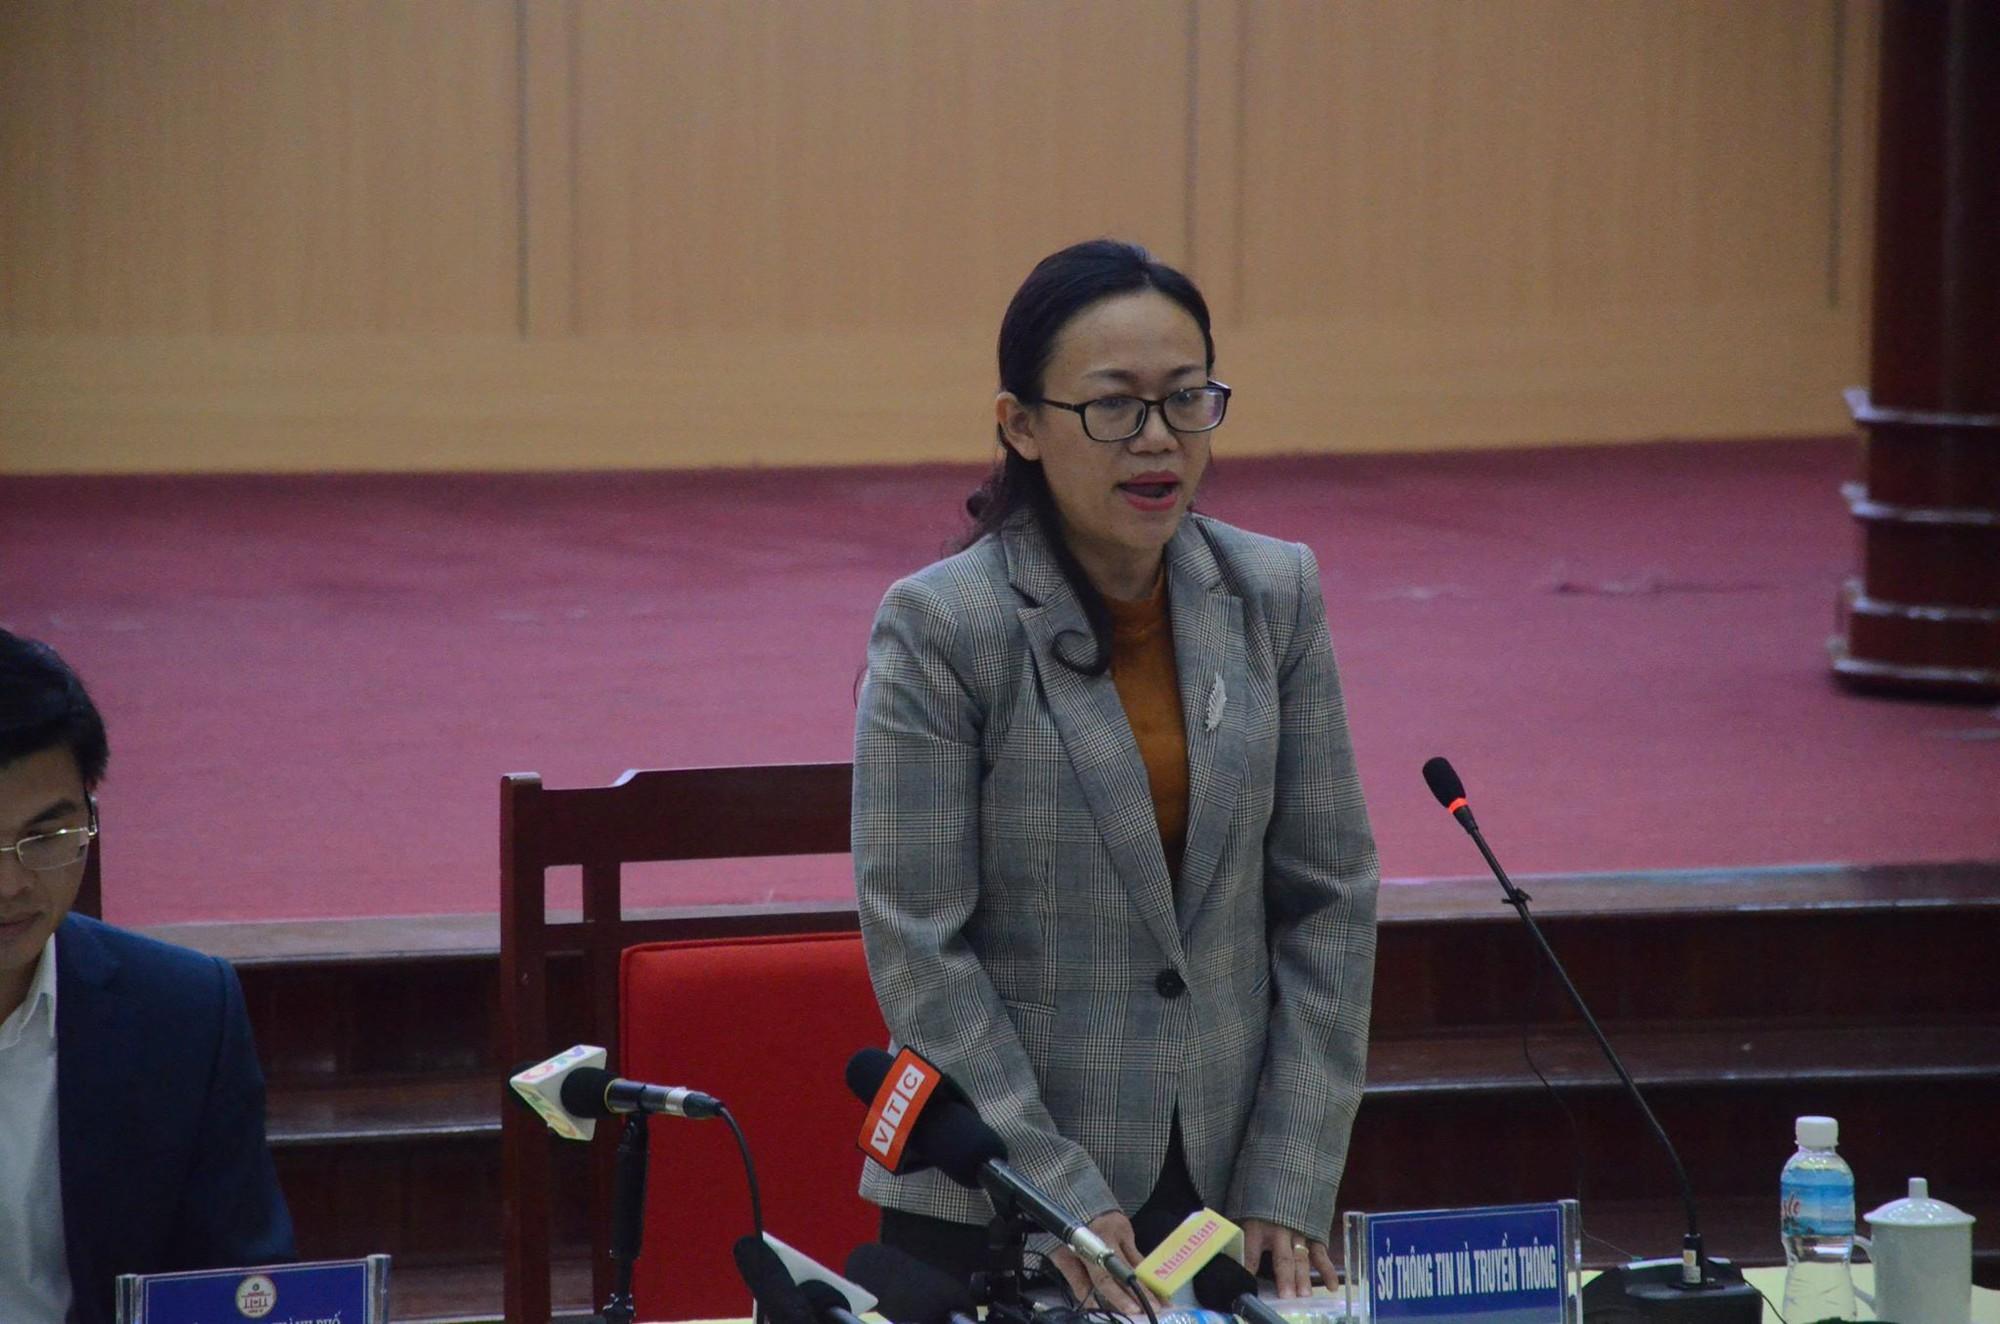 Phạt bà Phạm Thị Yến 5 triệu đồng, yêu cầu chùa Ba Vàng dừng ngay hoạt động thỉnh oan gia trái chủ - Ảnh 4.